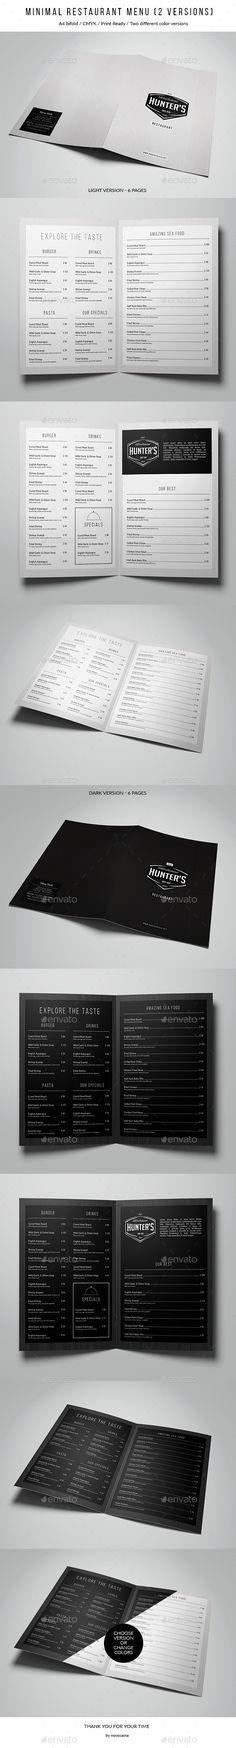 Simple Elegant Bifold Menu - A4 and US Letter - 2 Color Version - a la carte menu template